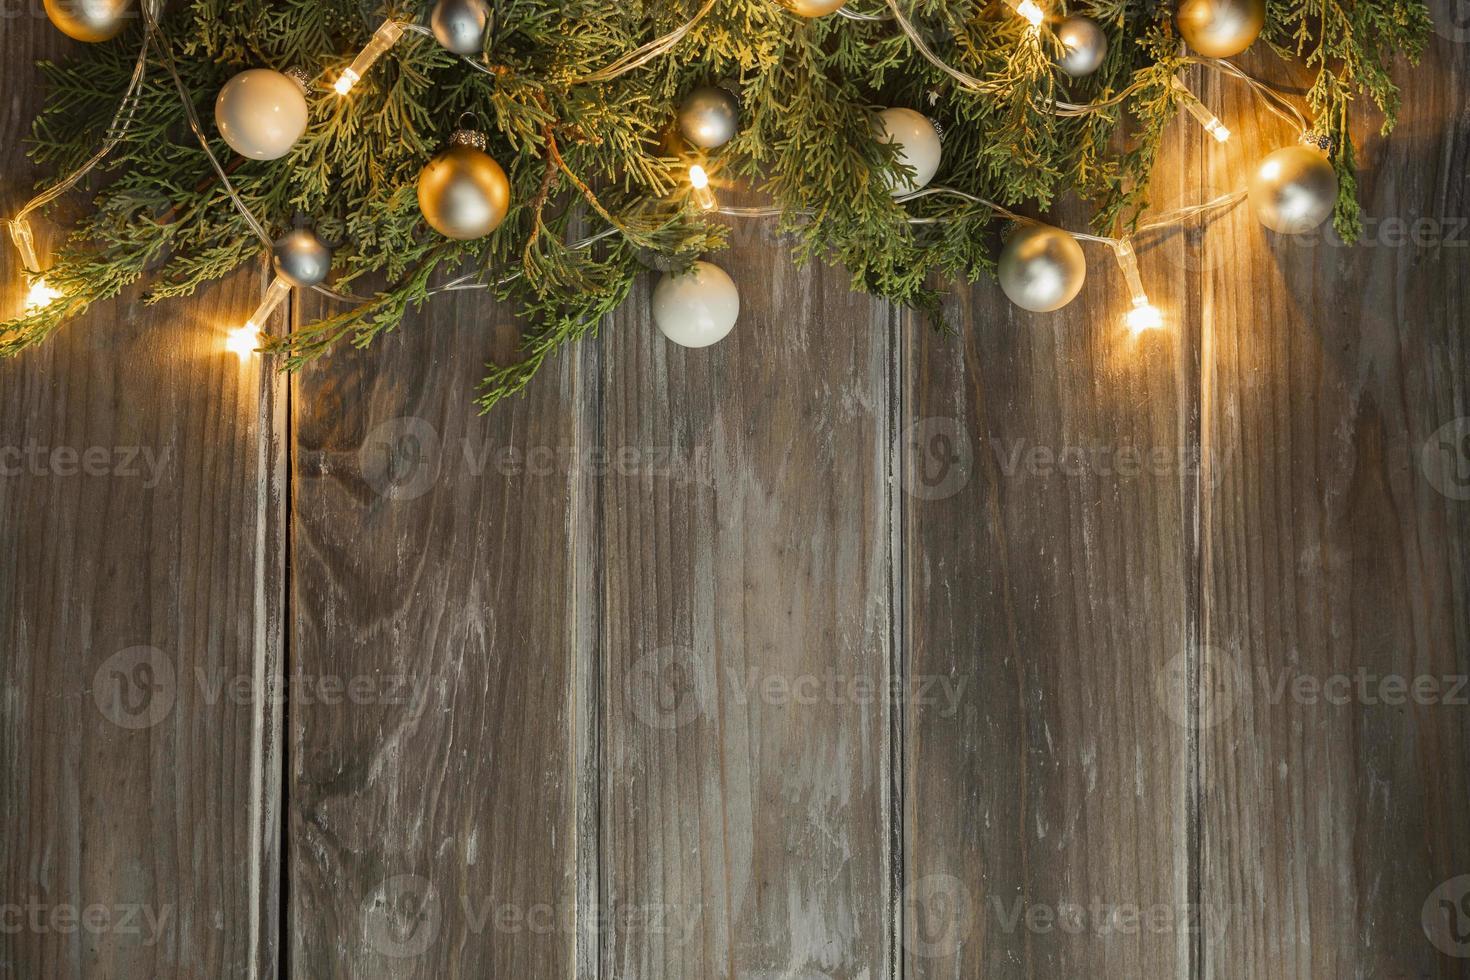 flacher Laderahmen mit beleuchteten Weihnachtsbaumlichtern auf hölzernem Hintergrund foto